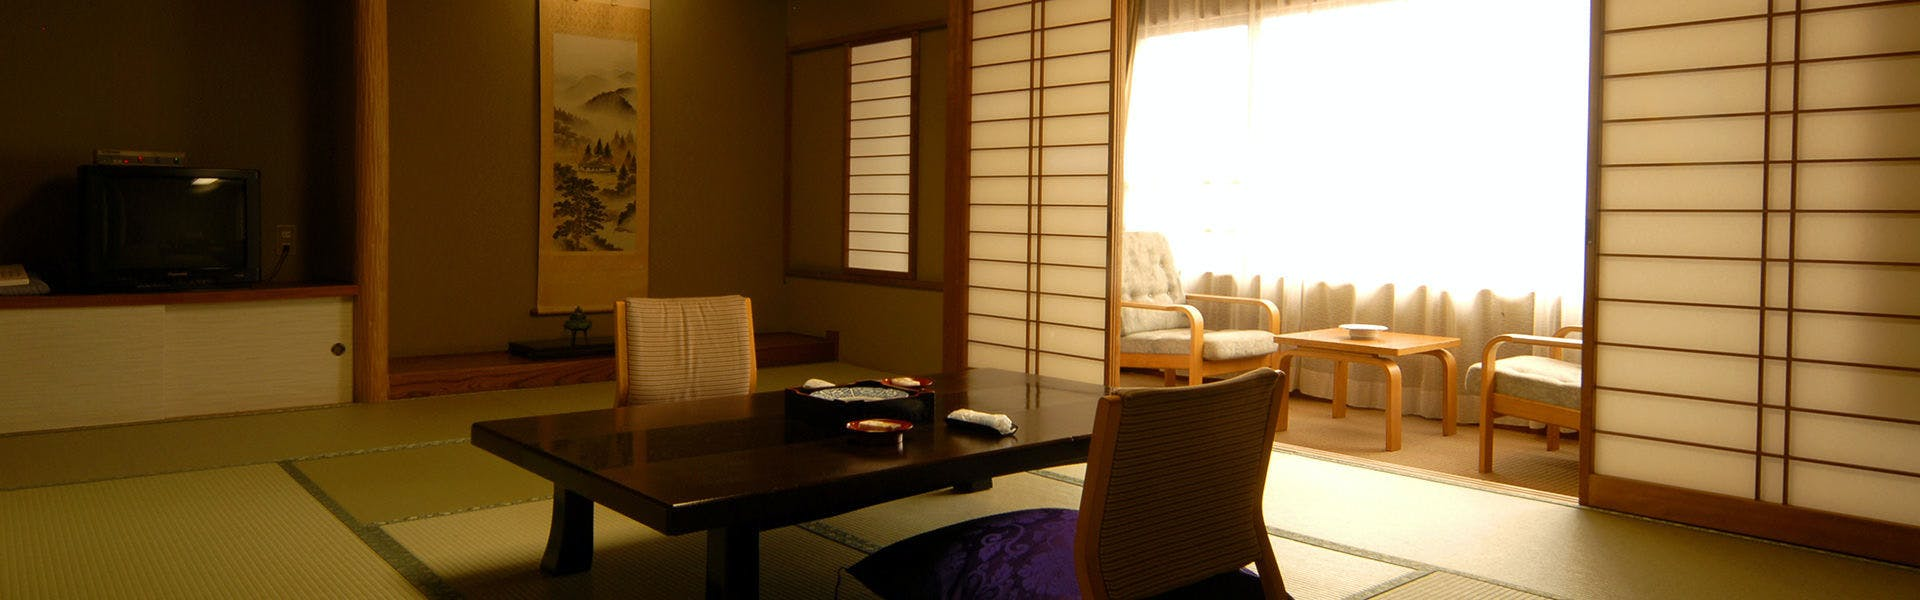 記念日におすすめのホテル・湯和み 別館 石和常磐ホテルの写真2